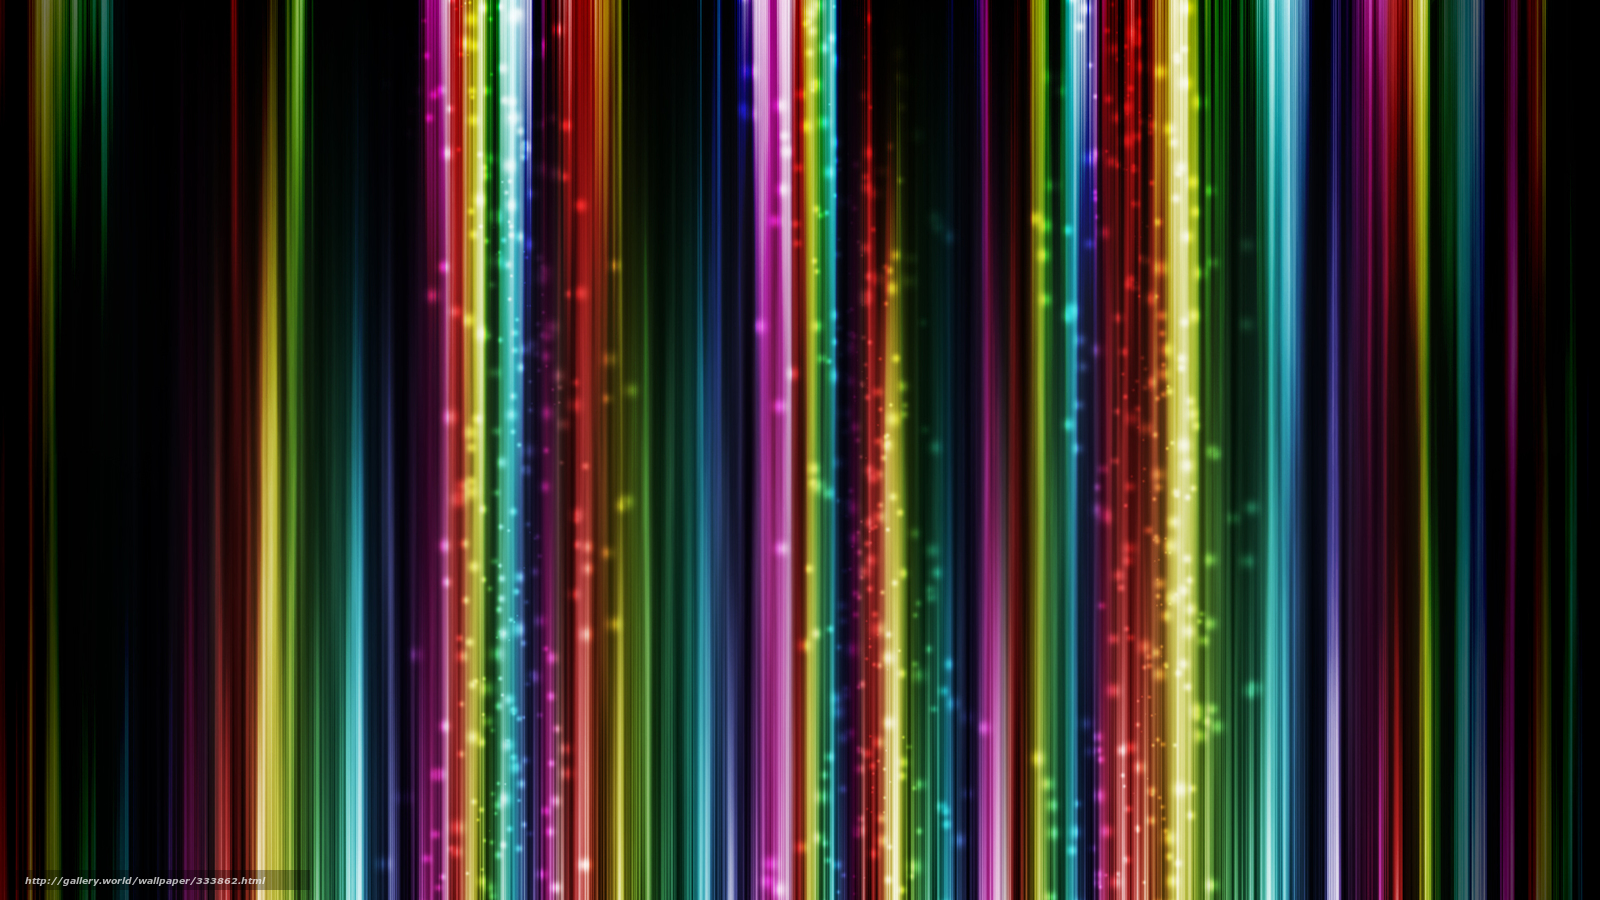 Tlcharger Fond D Ecran Bande Multicolore Lueur Fonds D